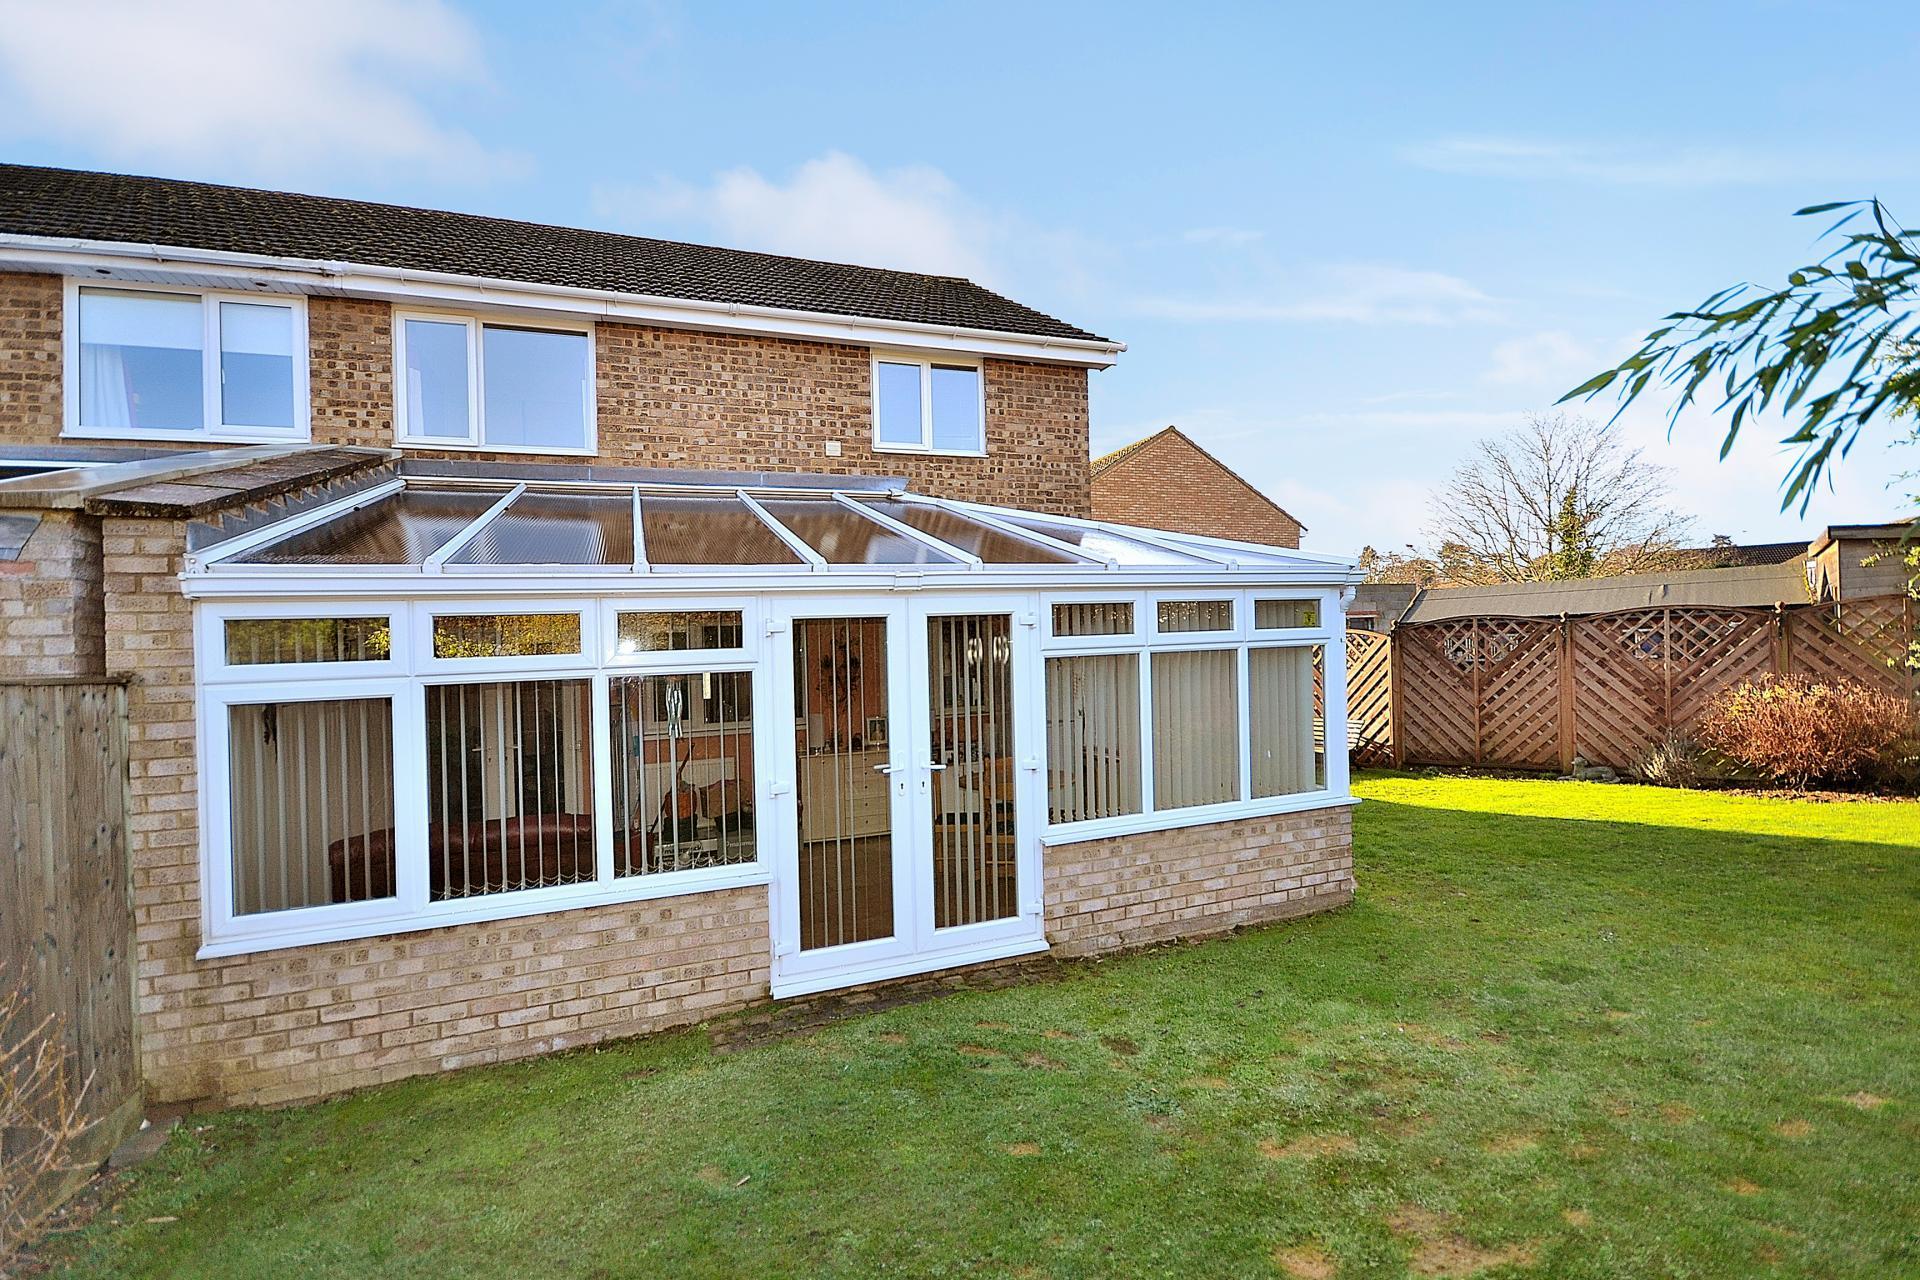 3 bedroom house for sale in leighton buzzard for Hockliffe garage doors